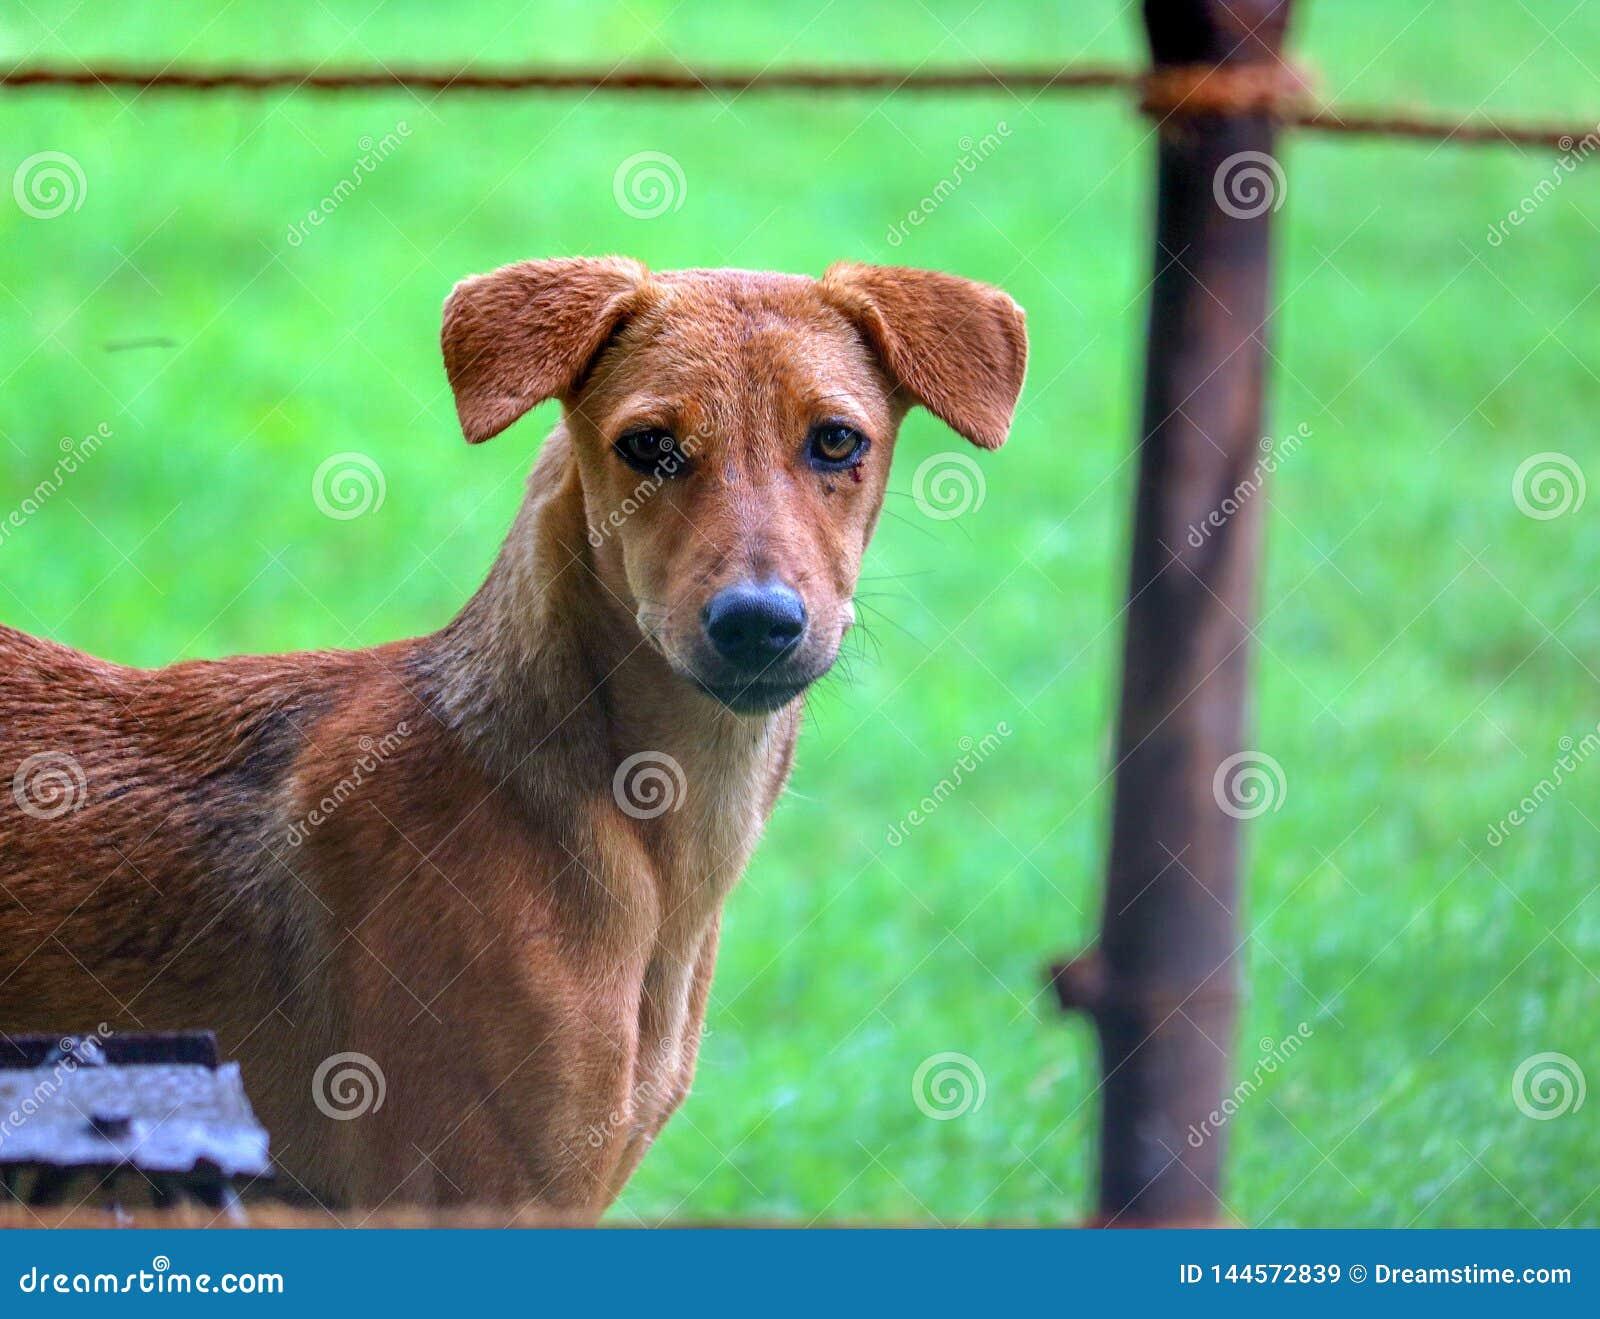 Un portrait d un chien